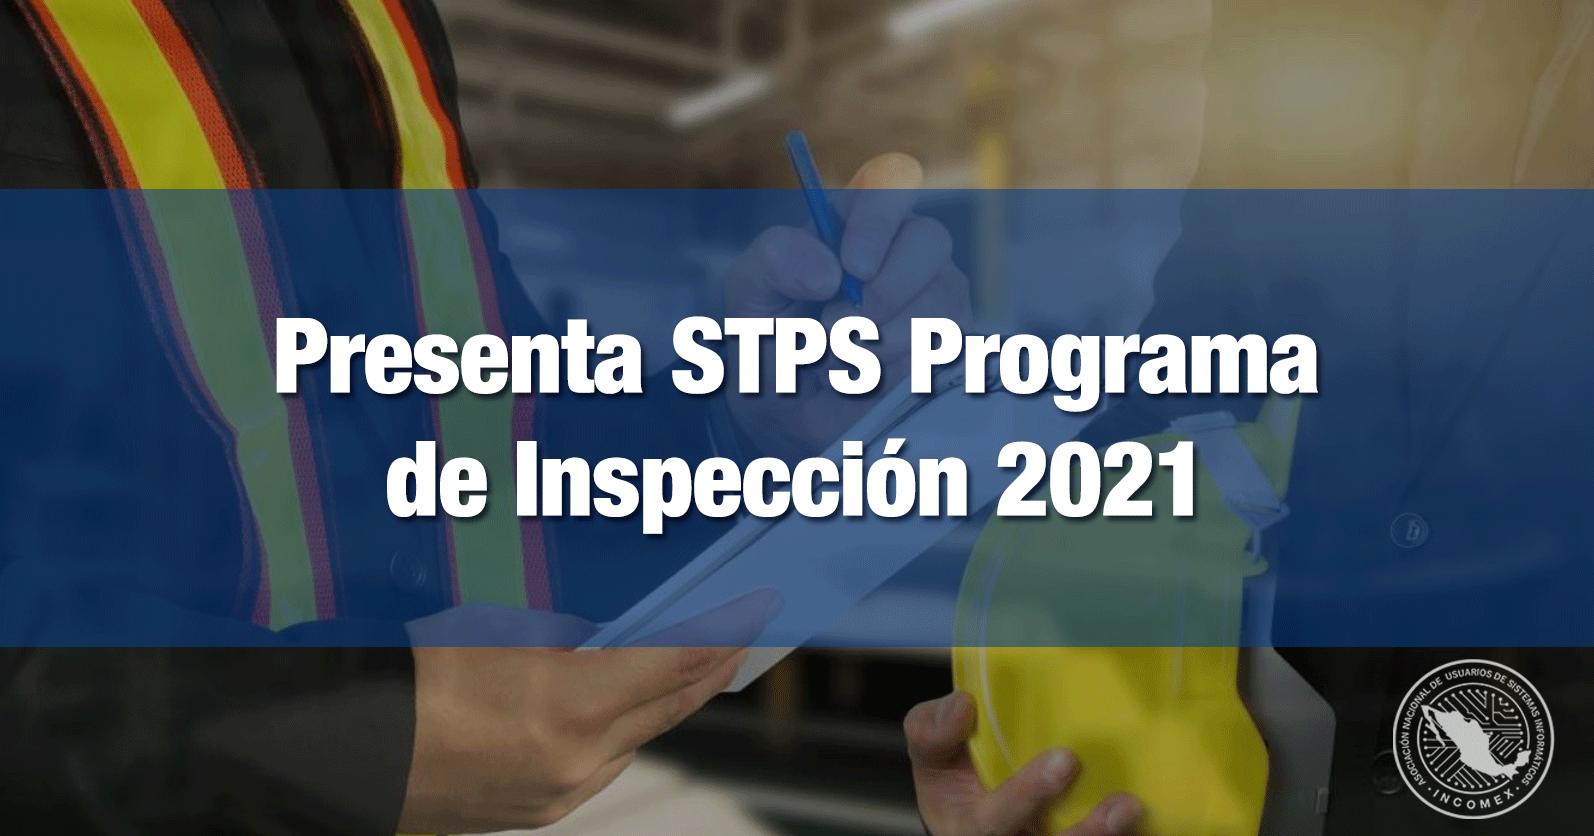 Presenta STPS Programa de Inspección 2021 con una meta de 40 mil visitas